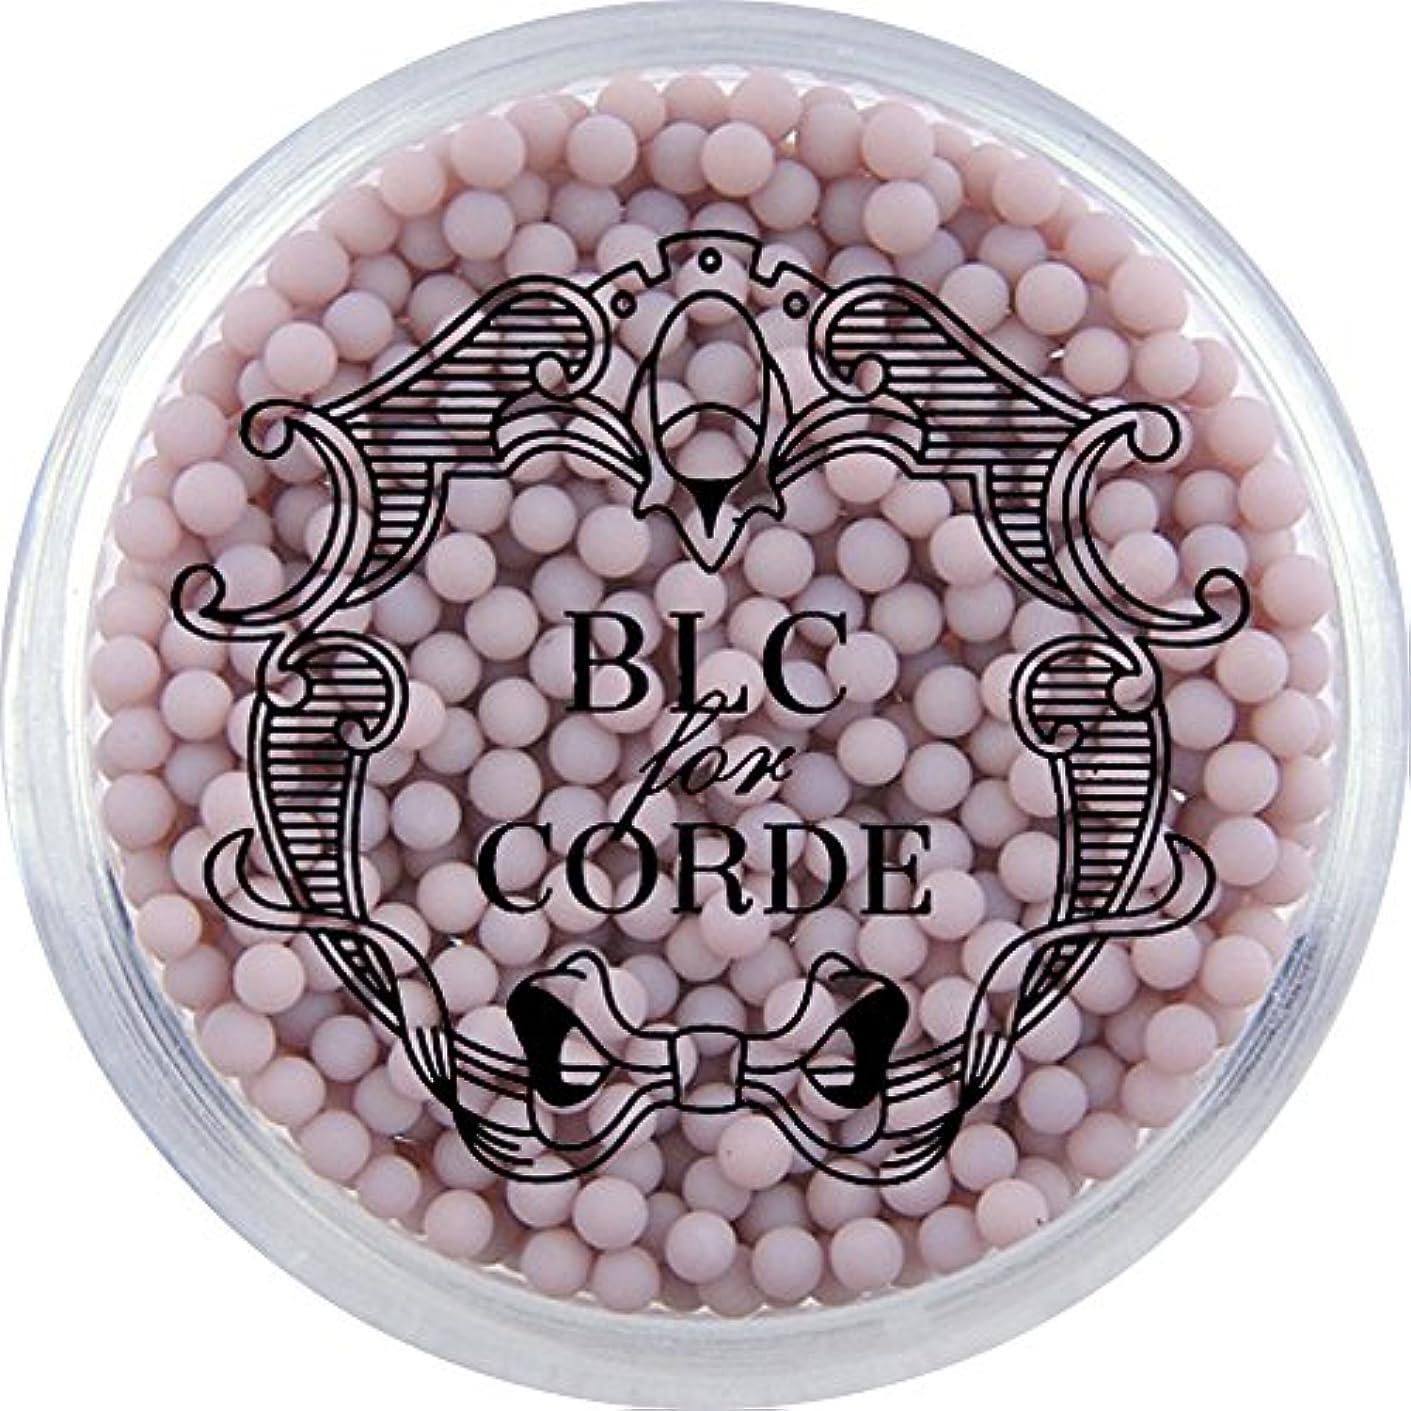 リップ代表して注入BLC FOR CORDE ガラスブリオン ラベンダー